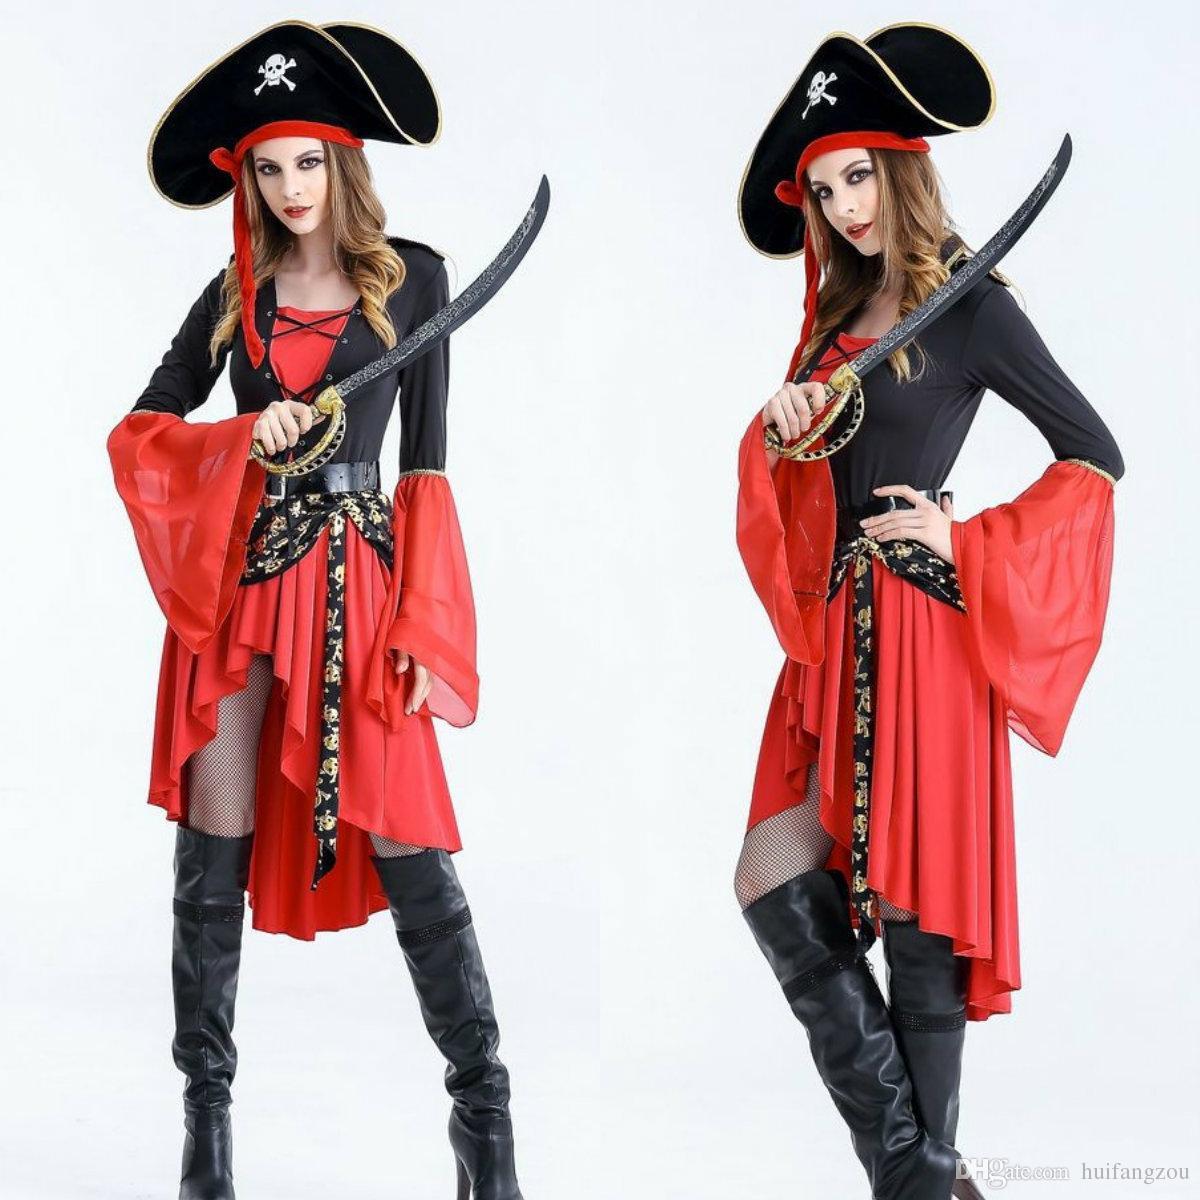 Costumes Adultes Pirate Pour Lo 8n0opxnkwz Acheter Femme Halloween Salut qMpSzUVGL